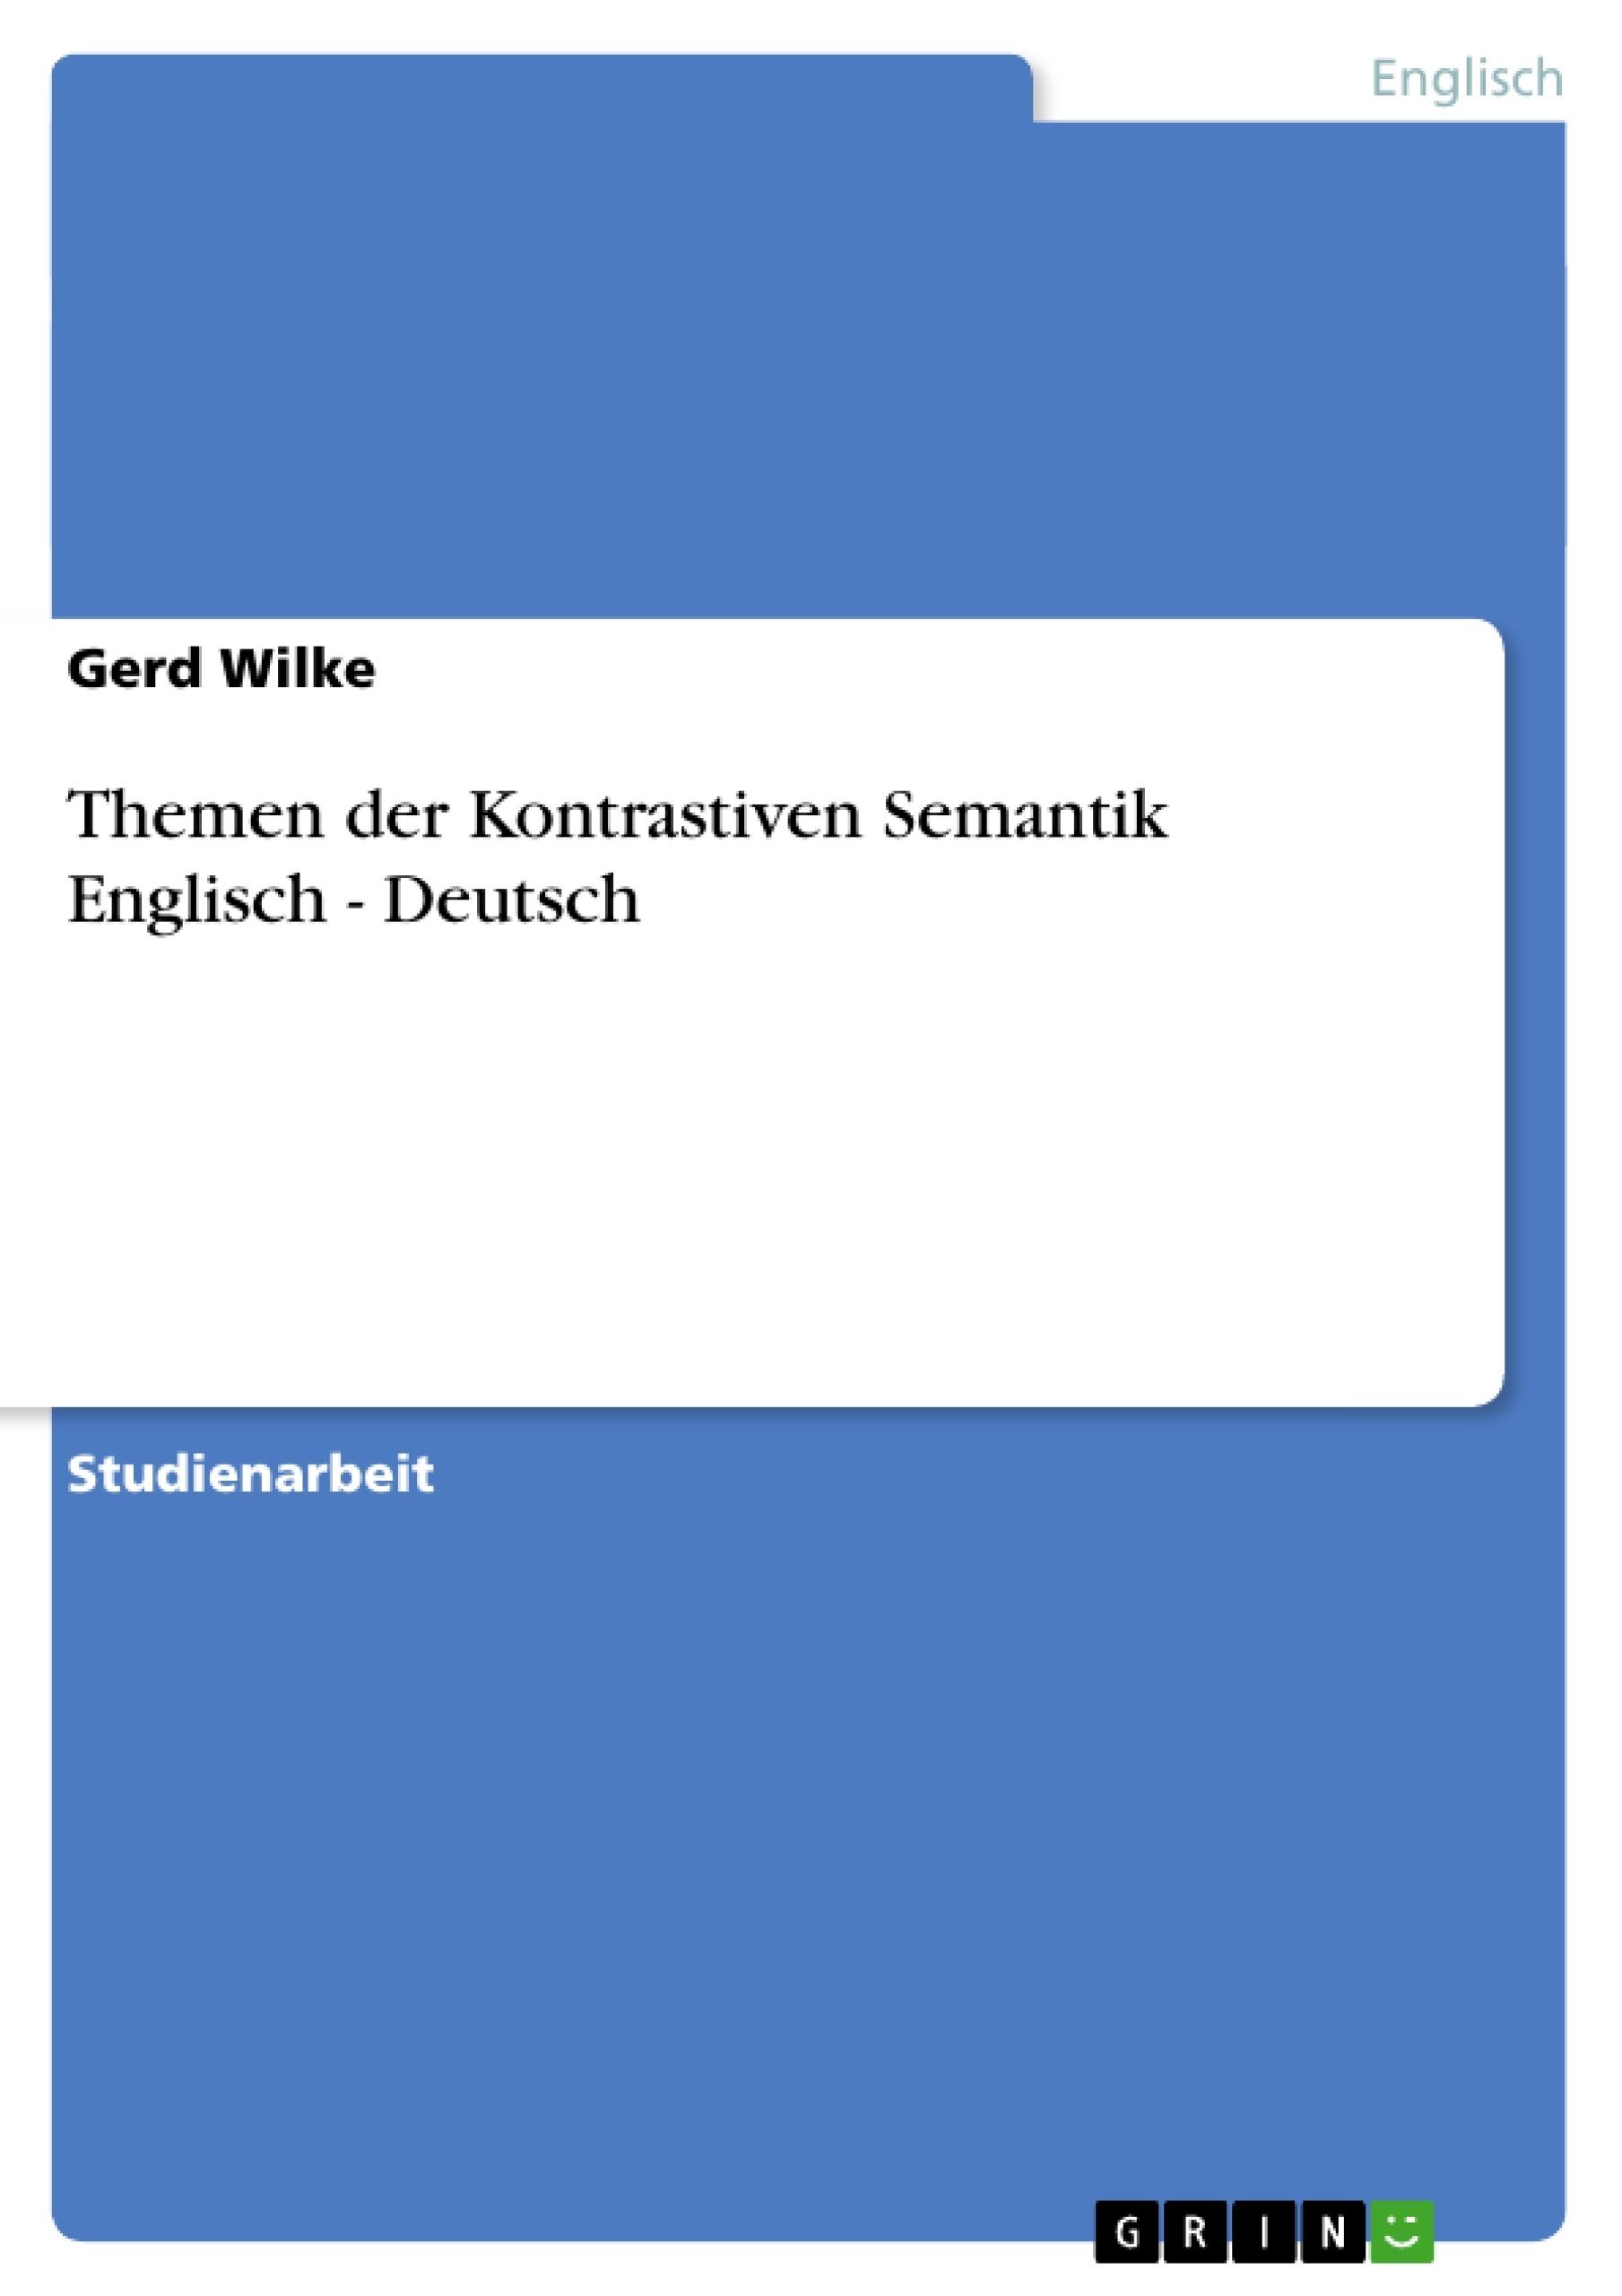 Titel: Themen der Kontrastiven Semantik Englisch - Deutsch